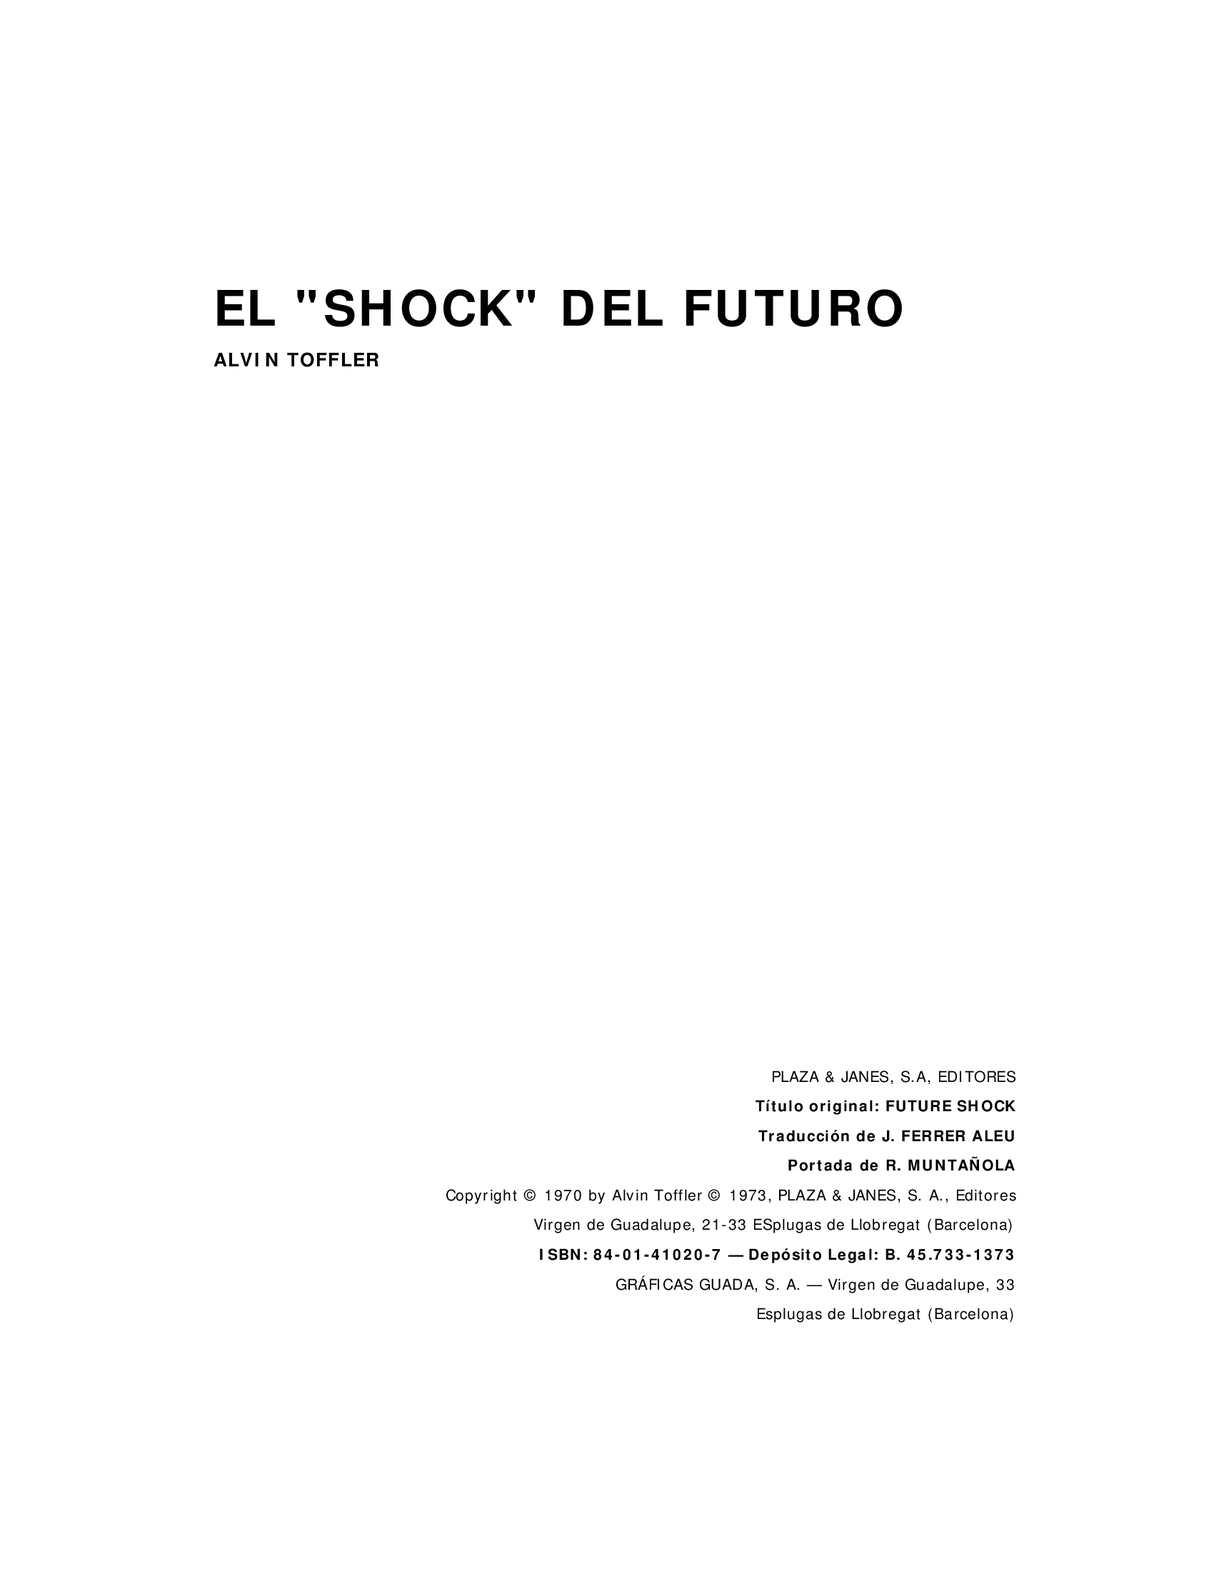 Shock Del Del Calaméo Shock El El Calaméo Futuro El Shock Futuro Calaméo wPZOukXiT